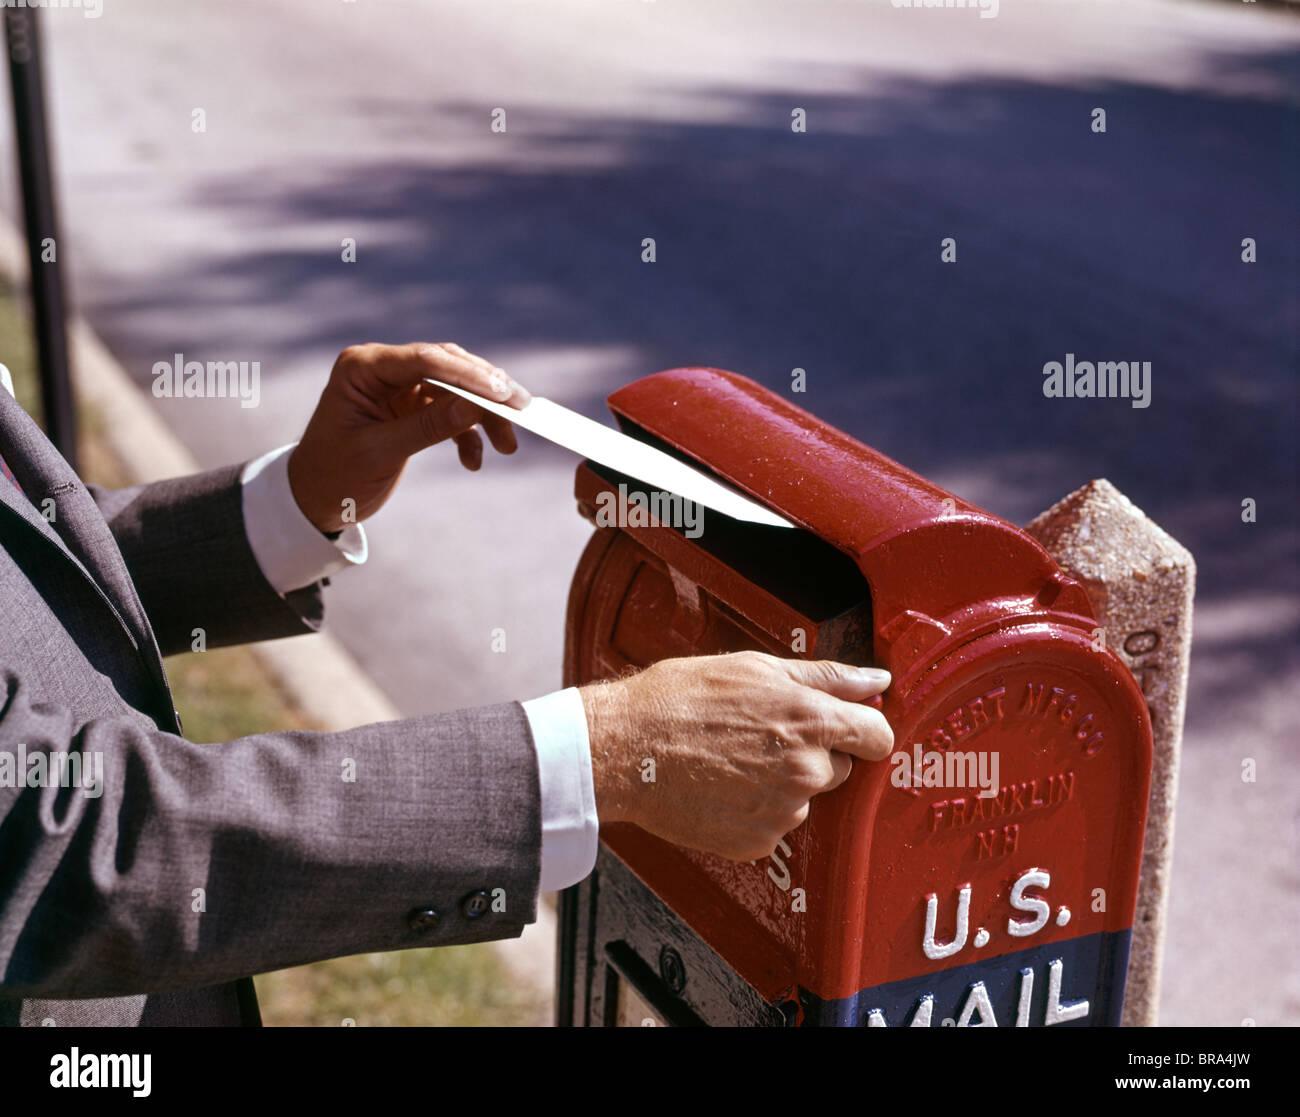 1960 HOMME PART LAISSANT TOMBER DANS LA BOÎTE AUX LETTRES lettre postale américaine HOMME LETTRE DE PUBLIPOSTAGE Photo Stock